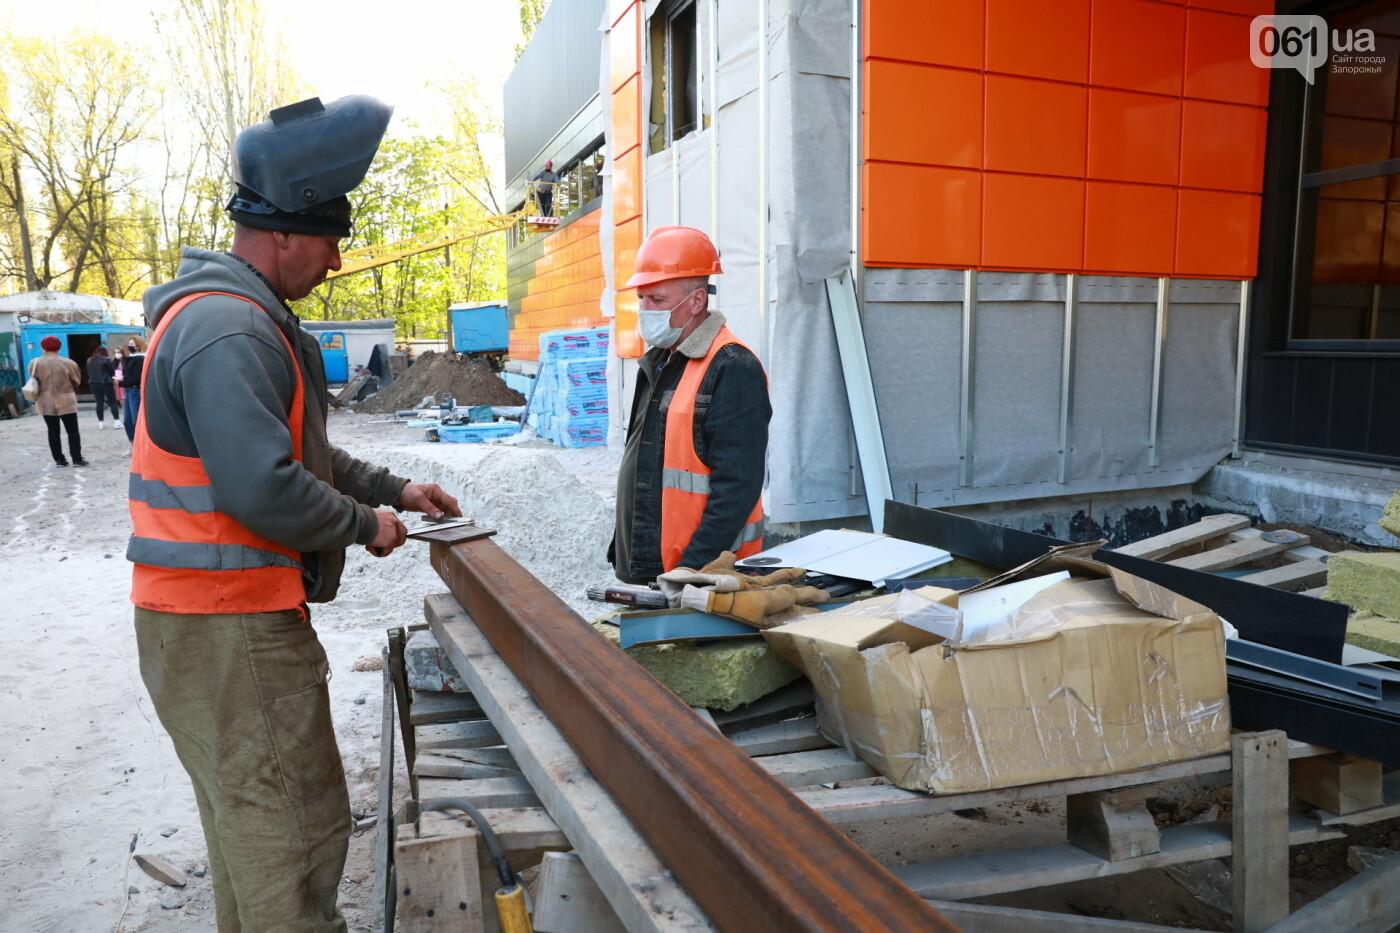 В Мелитополе полным ходом идет строительство водно-спортивного комплекса на 78 миллионов, - ФОТО, фото-10